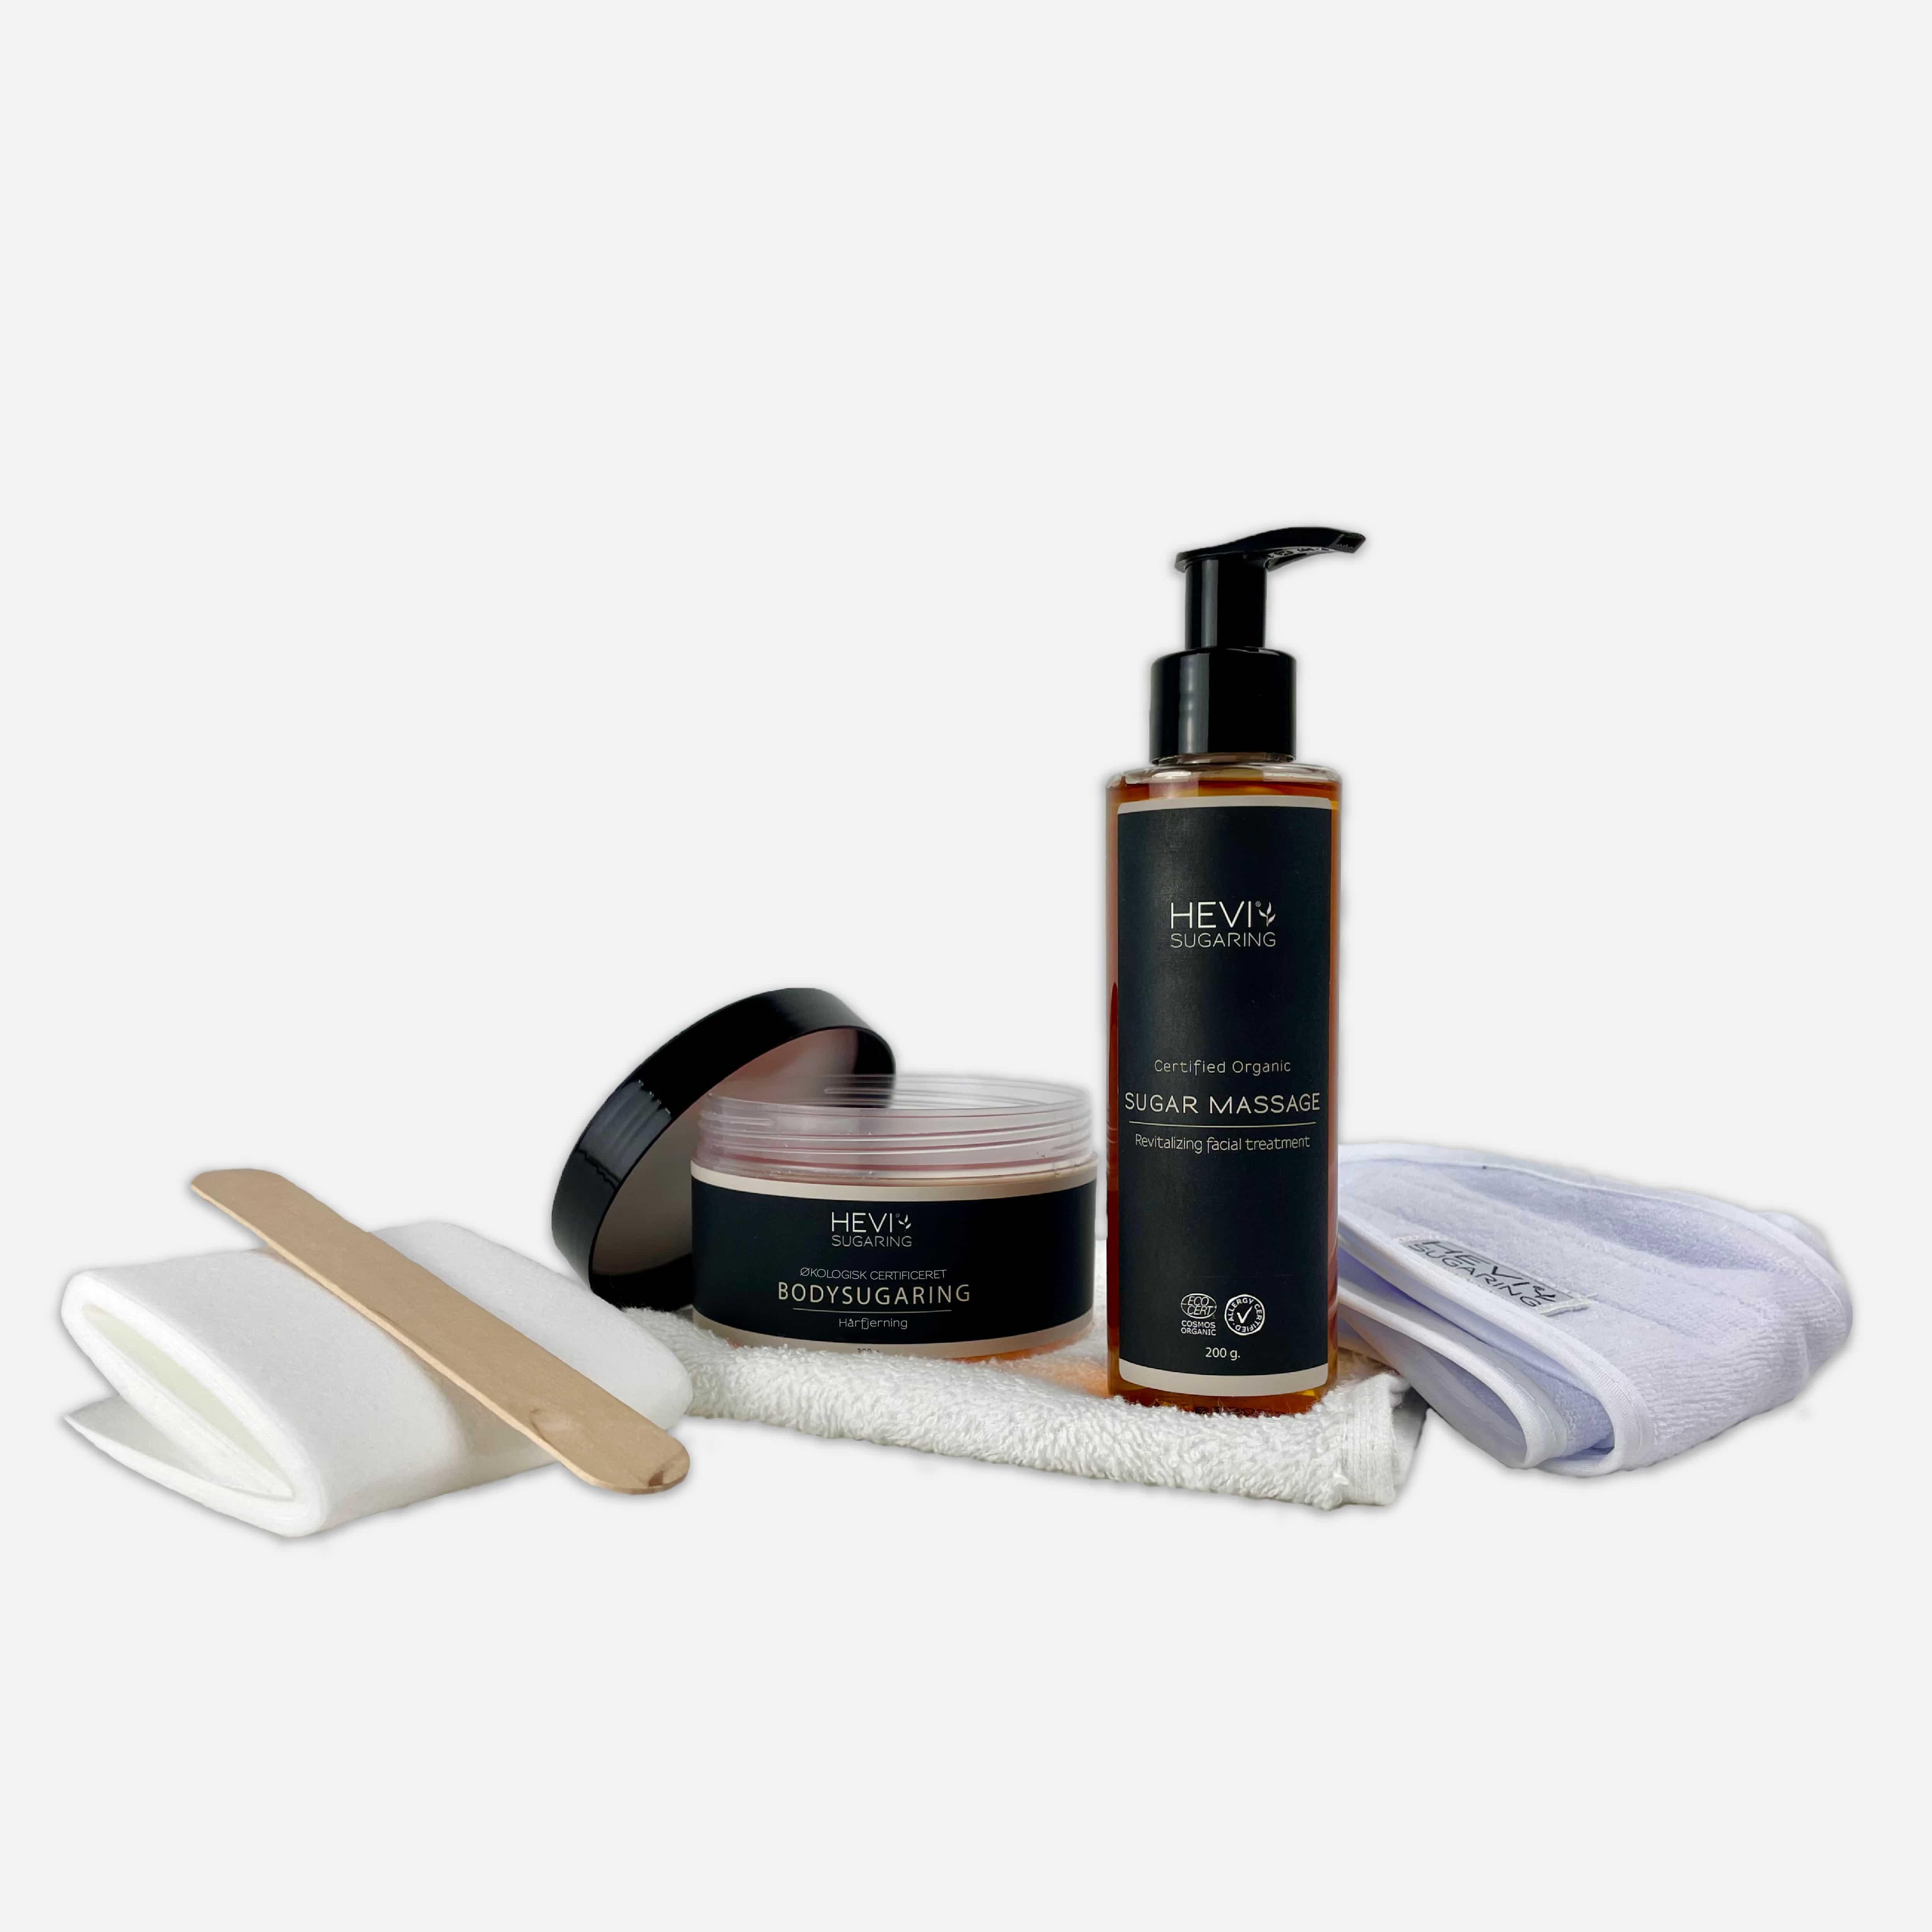 Limited Edition Sampak M. Sugaring Og Sugar Massage